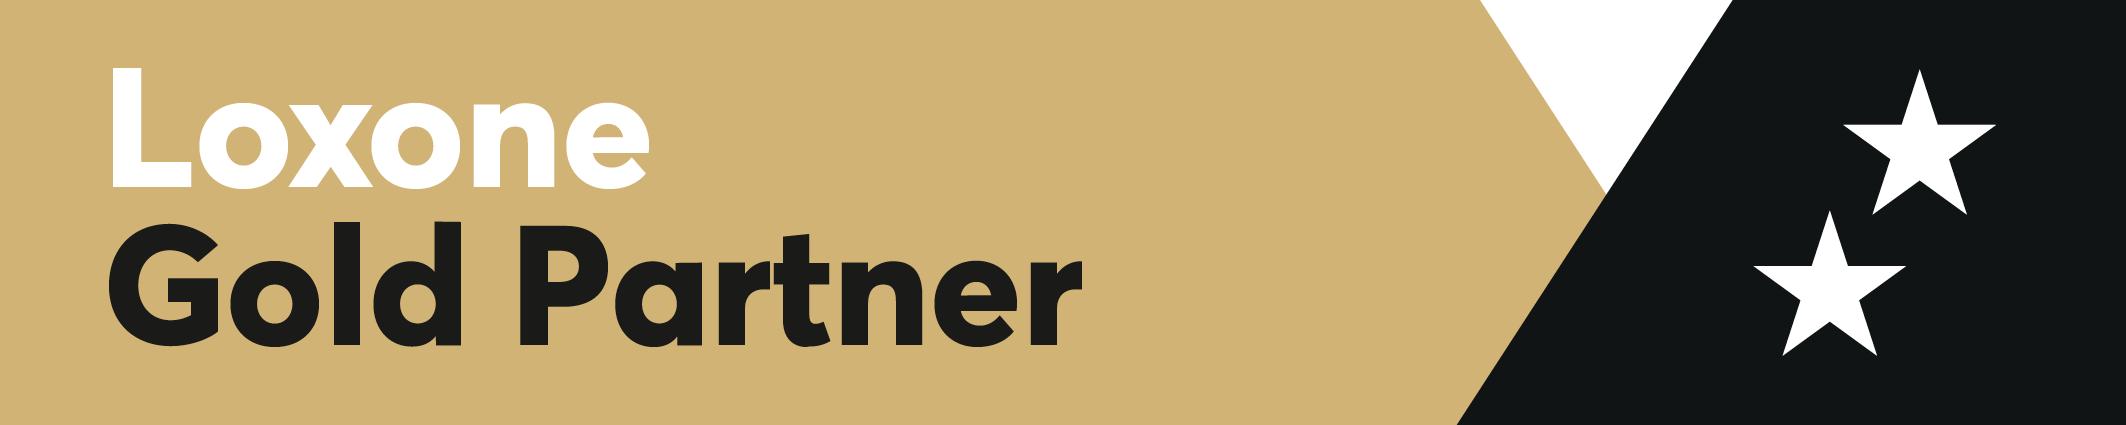 Złoty baner z napisem Loxone gold partner